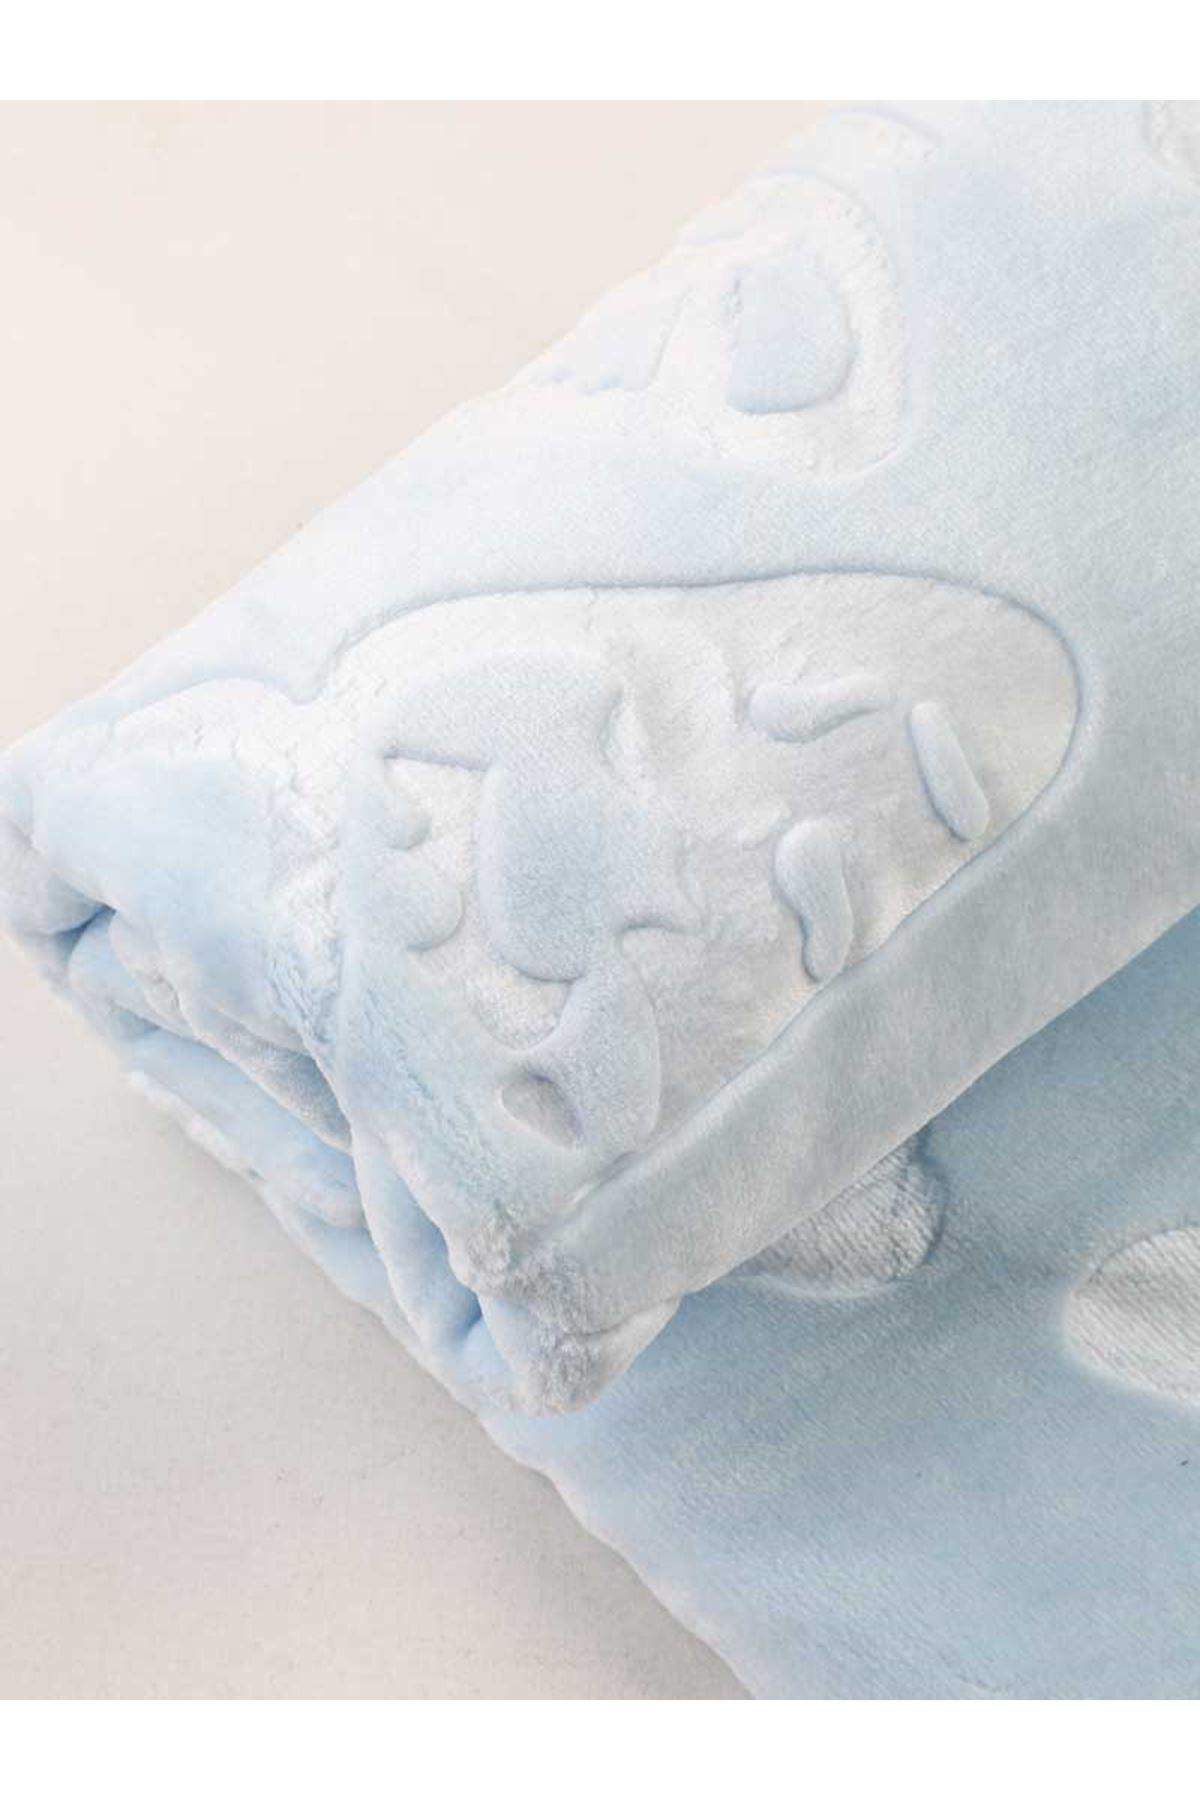 Blue heart pattern Blanket Baby boy soft Babies Kids blanket patterns Model